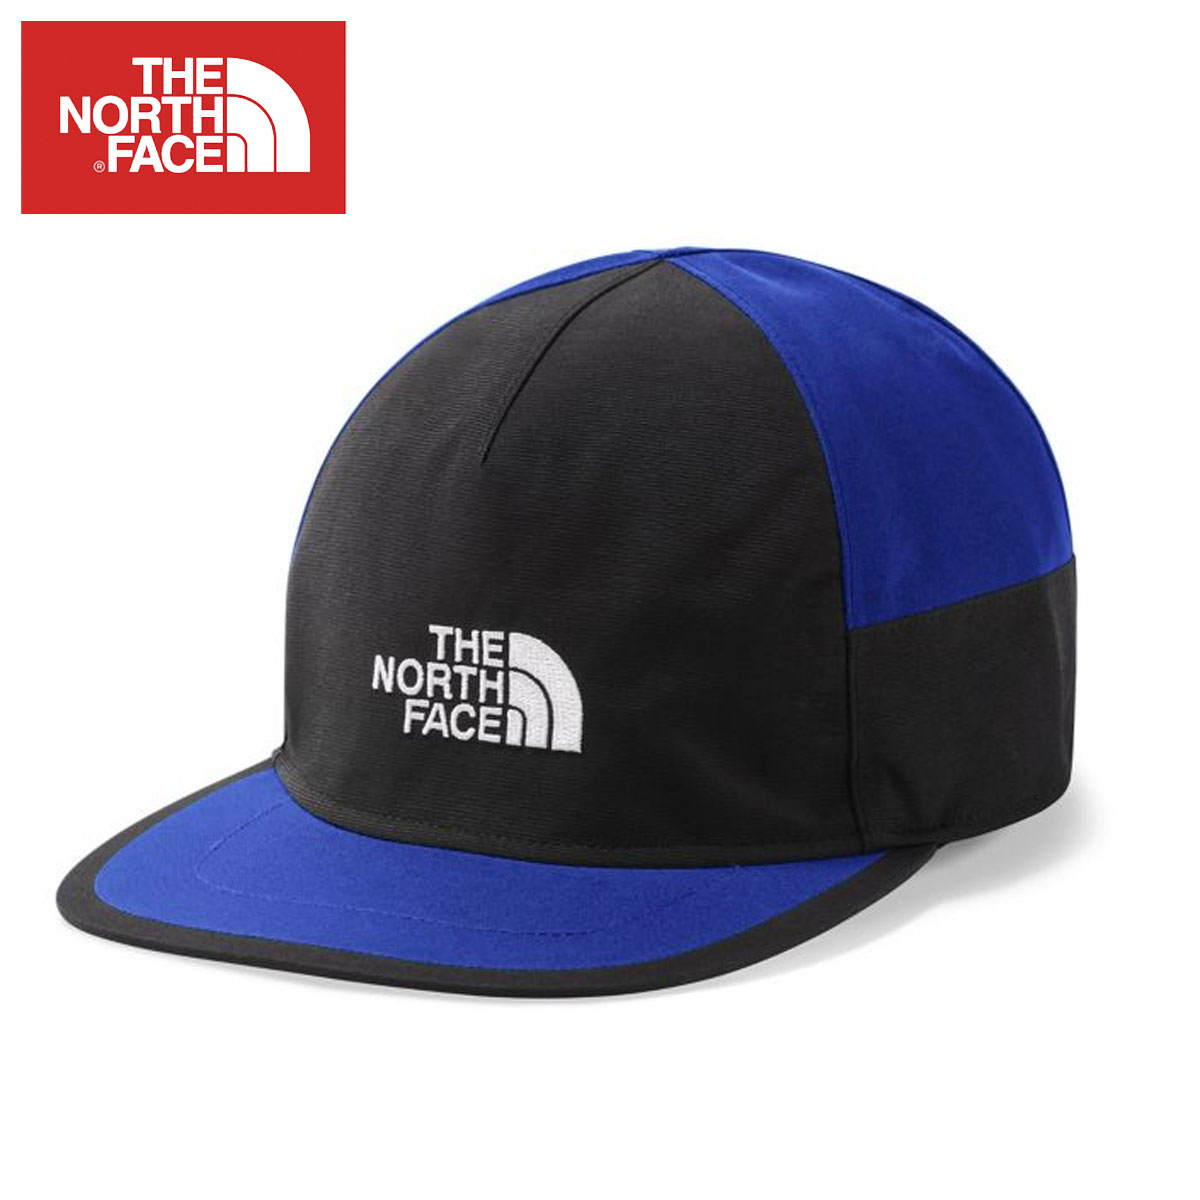 ノースフェイス THE NORTH FACE 正規品 メンズ レディース キャップ 帽子 GORE MOUNTAIN BALL CAP AZTEC BLUE/TNF BLACK